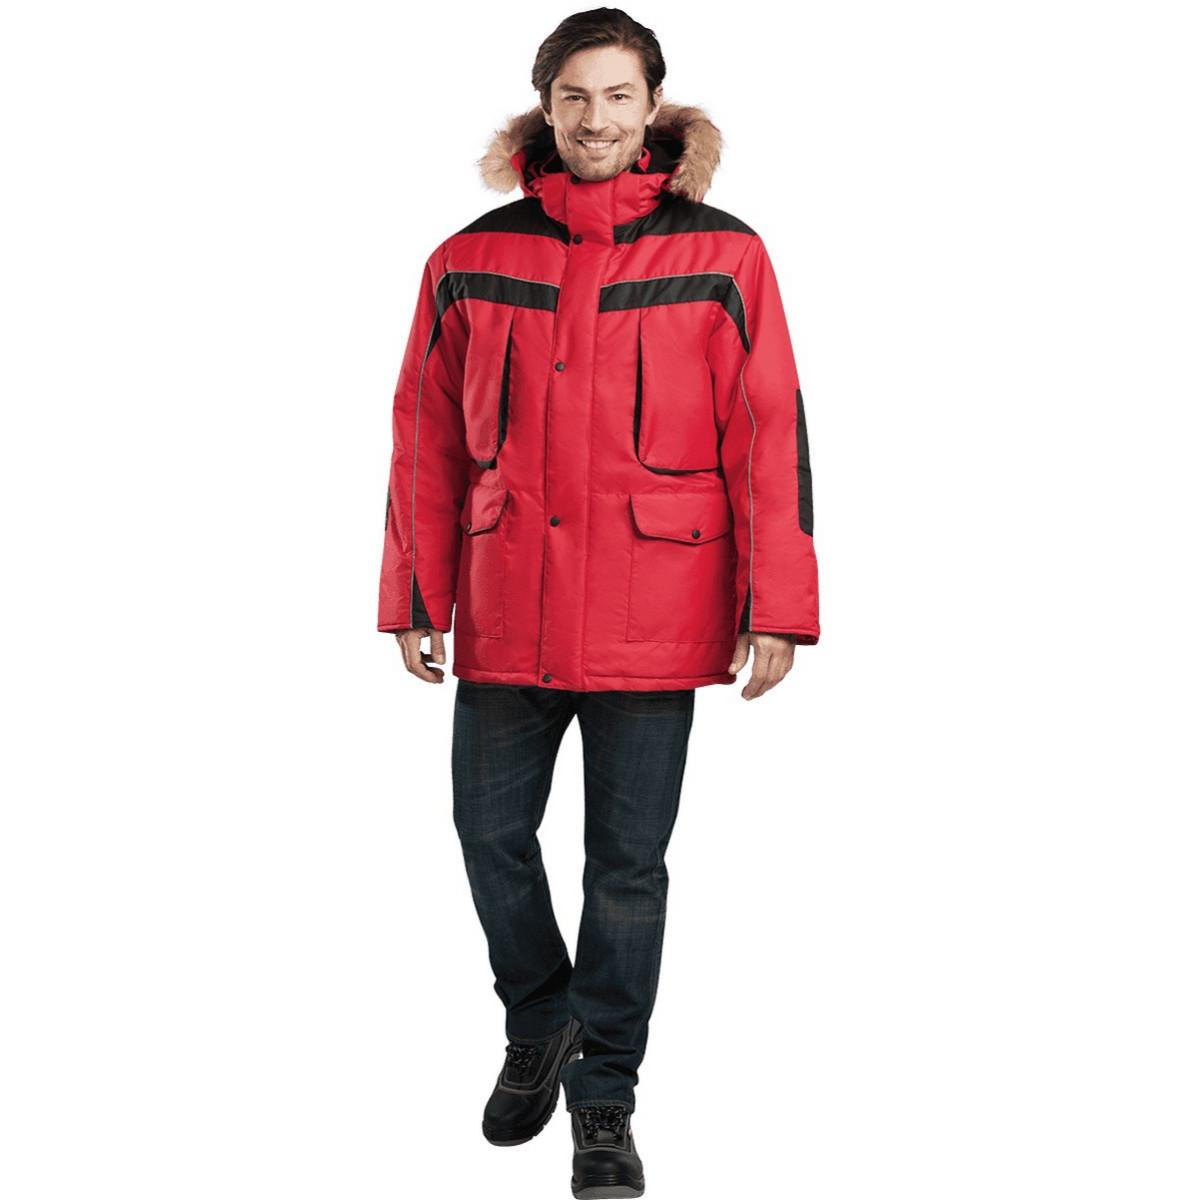 Куртка ДИКСОН утепленная красный-черный (разм. 112-116 рост 182-188)